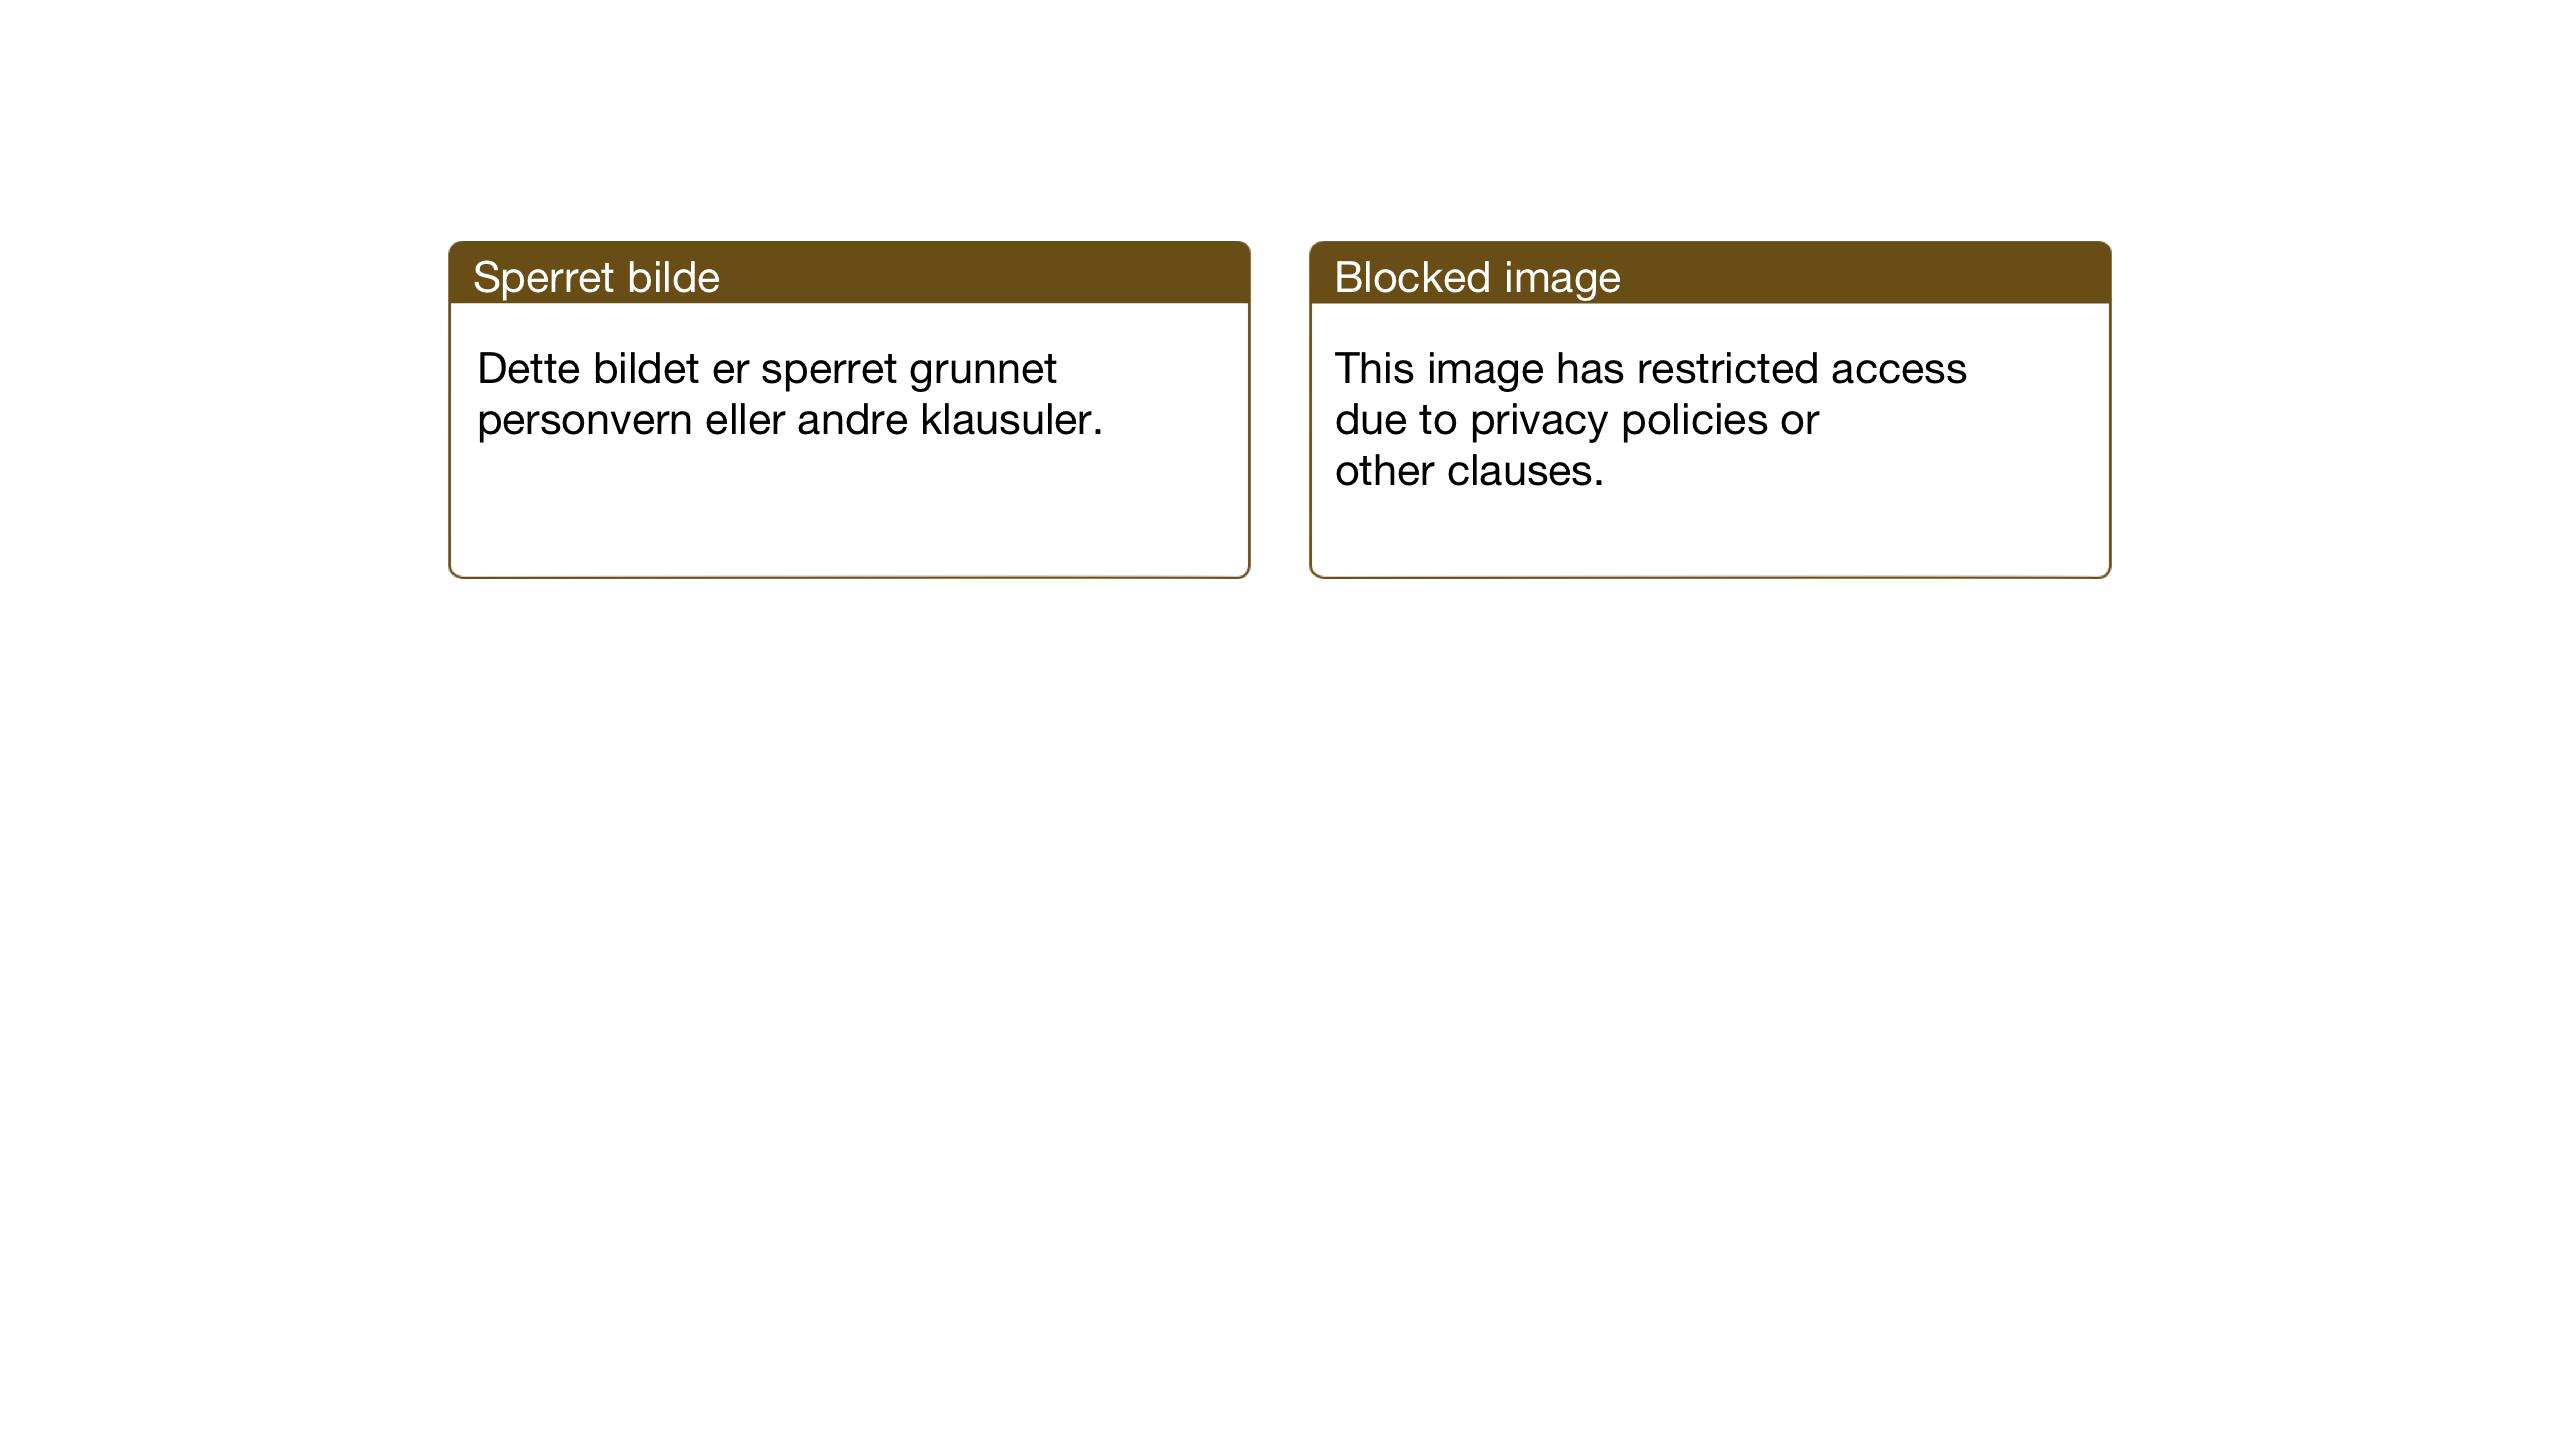 SAT, Ministerialprotokoller, klokkerbøker og fødselsregistre - Sør-Trøndelag, 637/L0564: Klokkerbok nr. 637C05, 1928-1968, s. 13